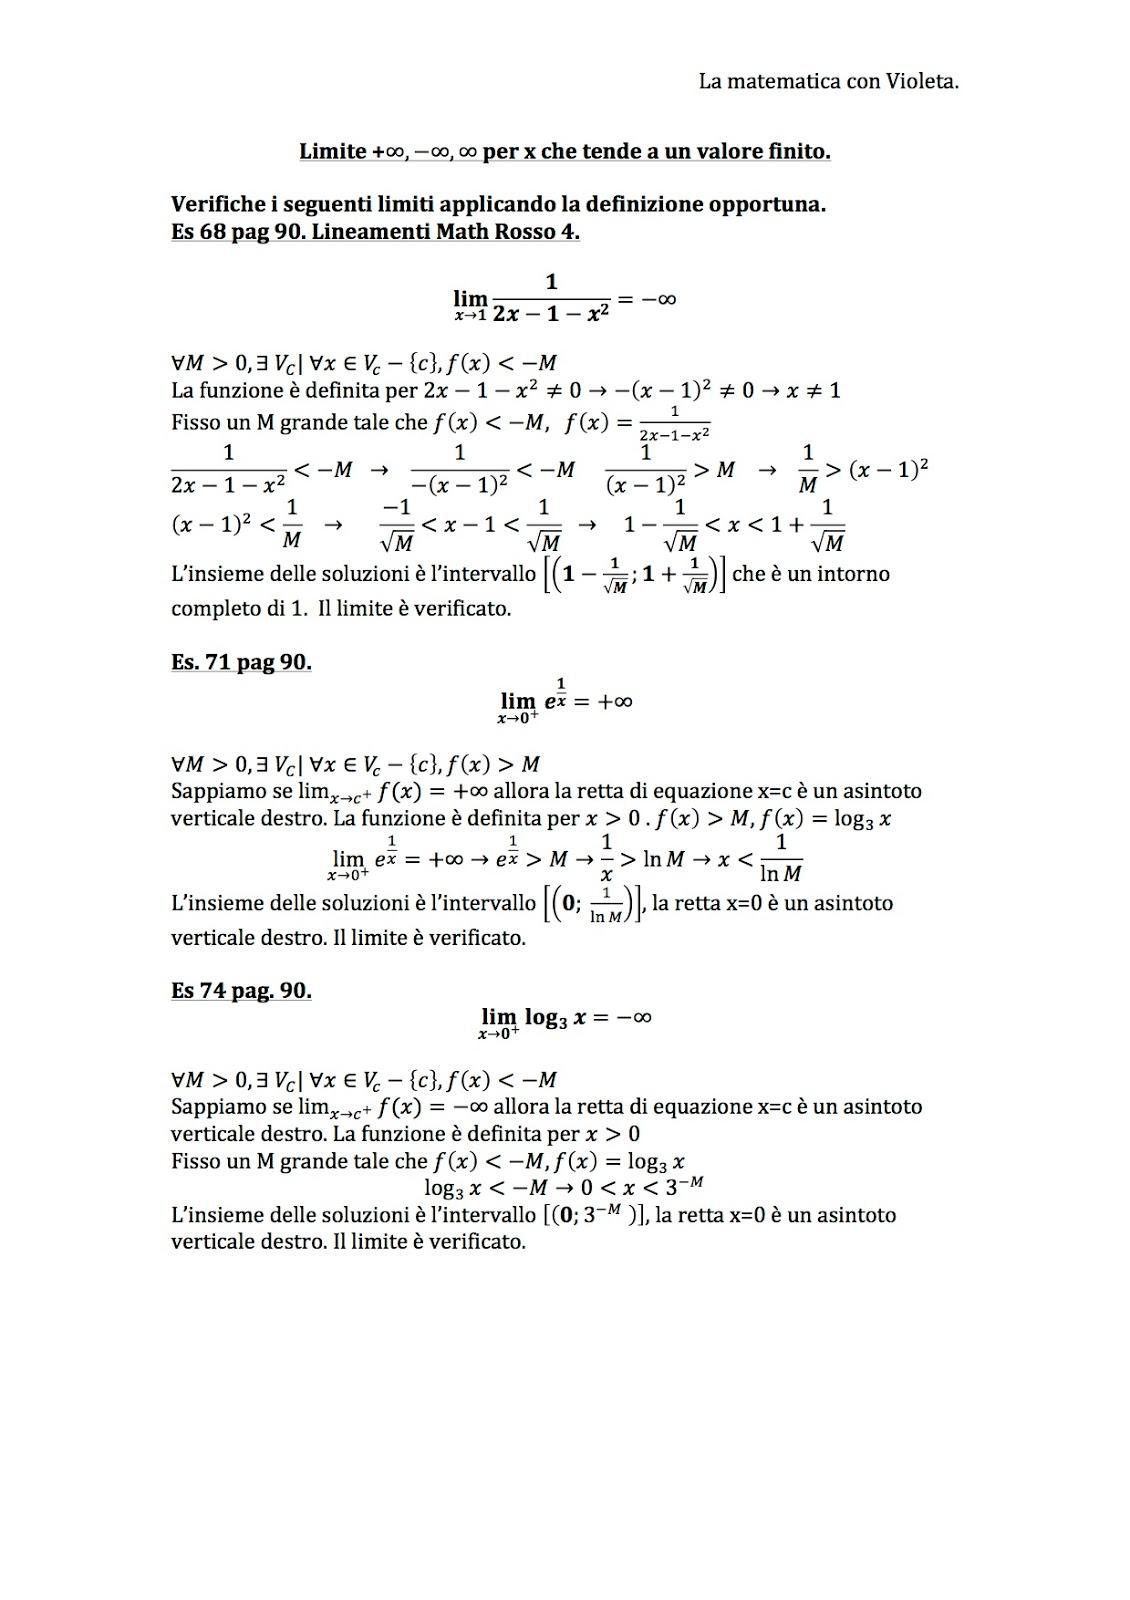 Limite Finito Per X Che Tende A Un Valore Finito.La Matematica Con Violeta Limite Per X Che Tende A Un